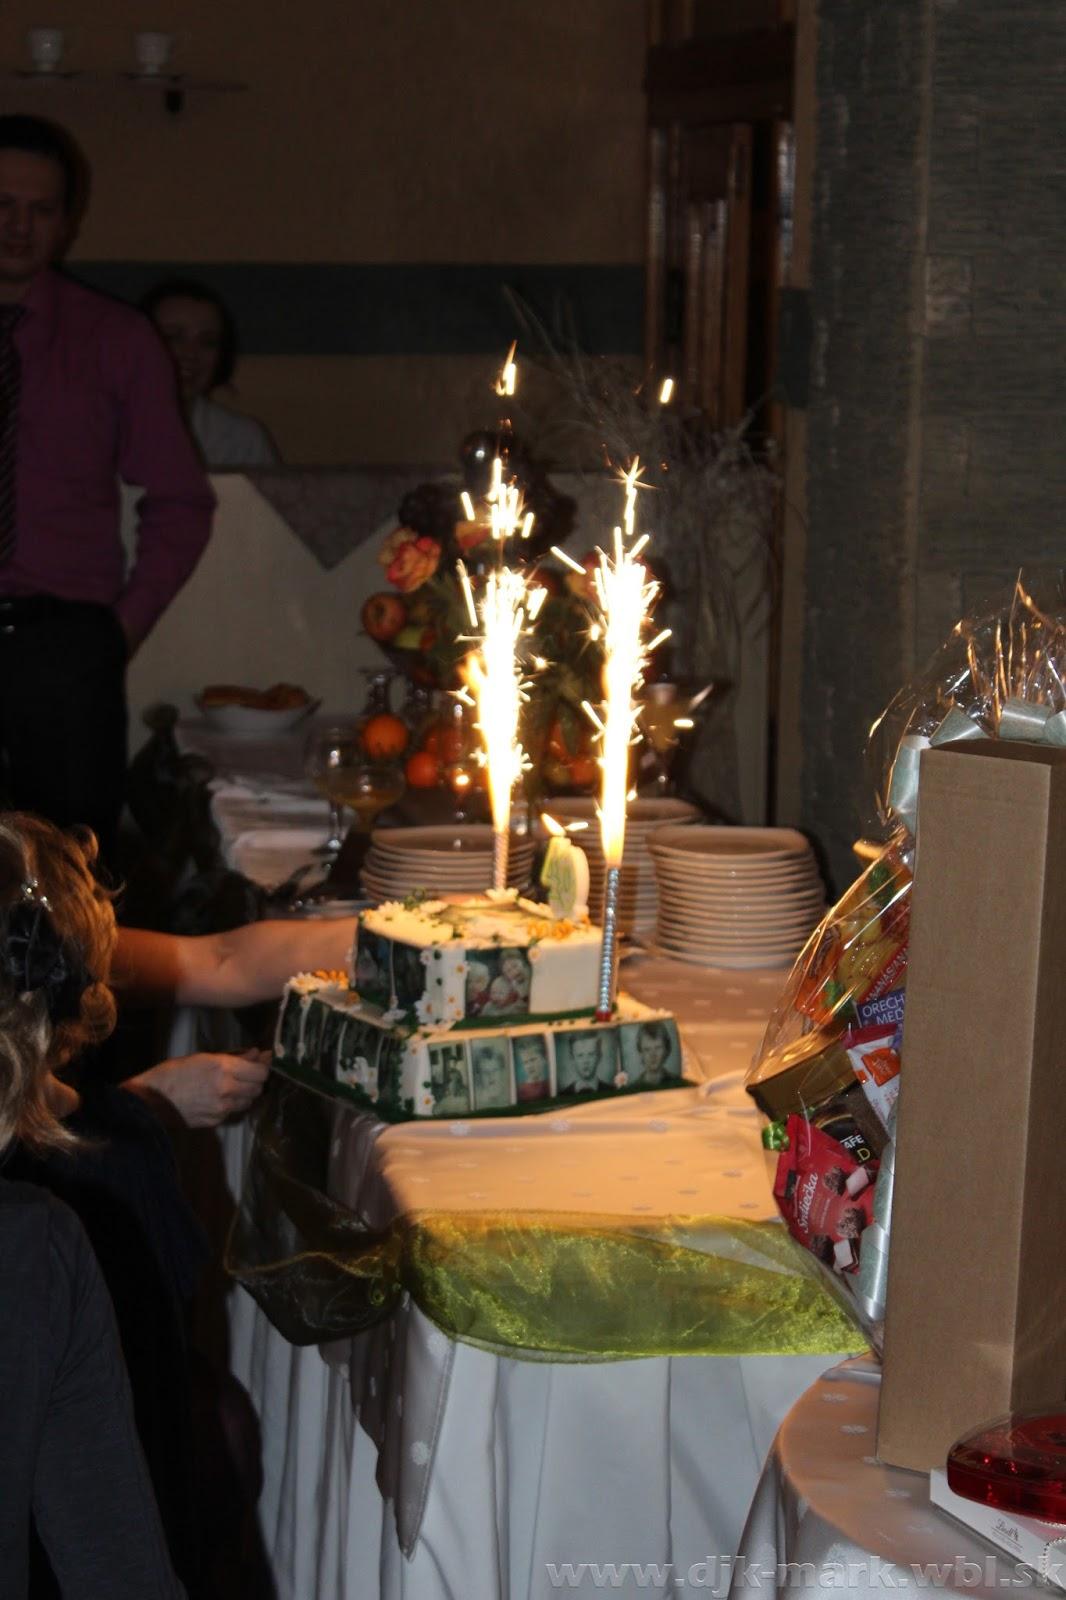 a8b7e2067 ... chutné jedlo a čo je najhlavnejšie, zábava do rána bieleho! pozrite si  fotky djmark/svadobnéfotky zo svadby a informácie o svadbách: www.djk-mark .wbl.sk